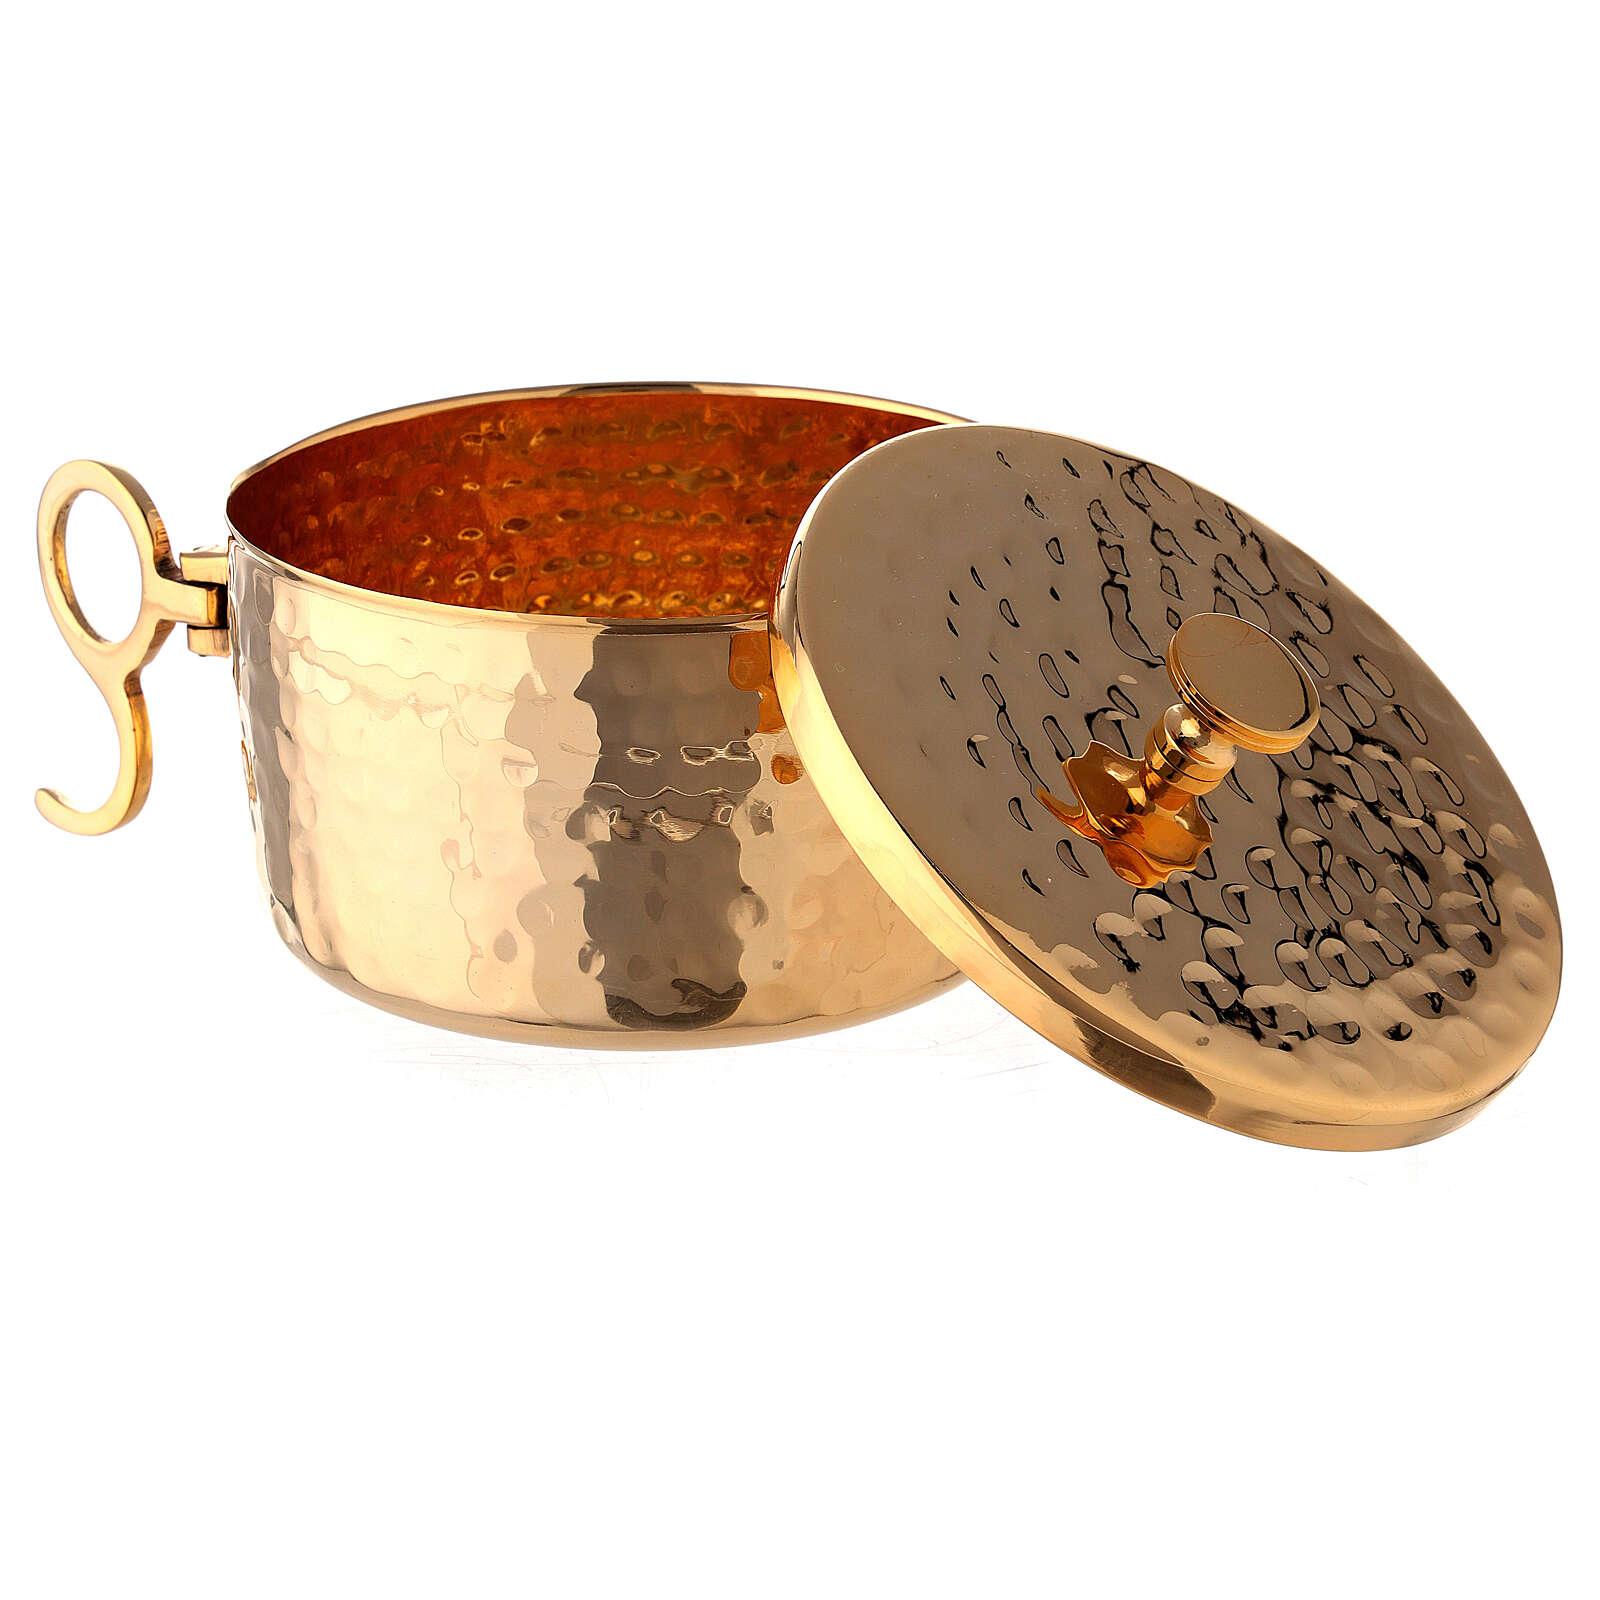 Ciboire laiton doré martelé empilable d. 10 cm 4